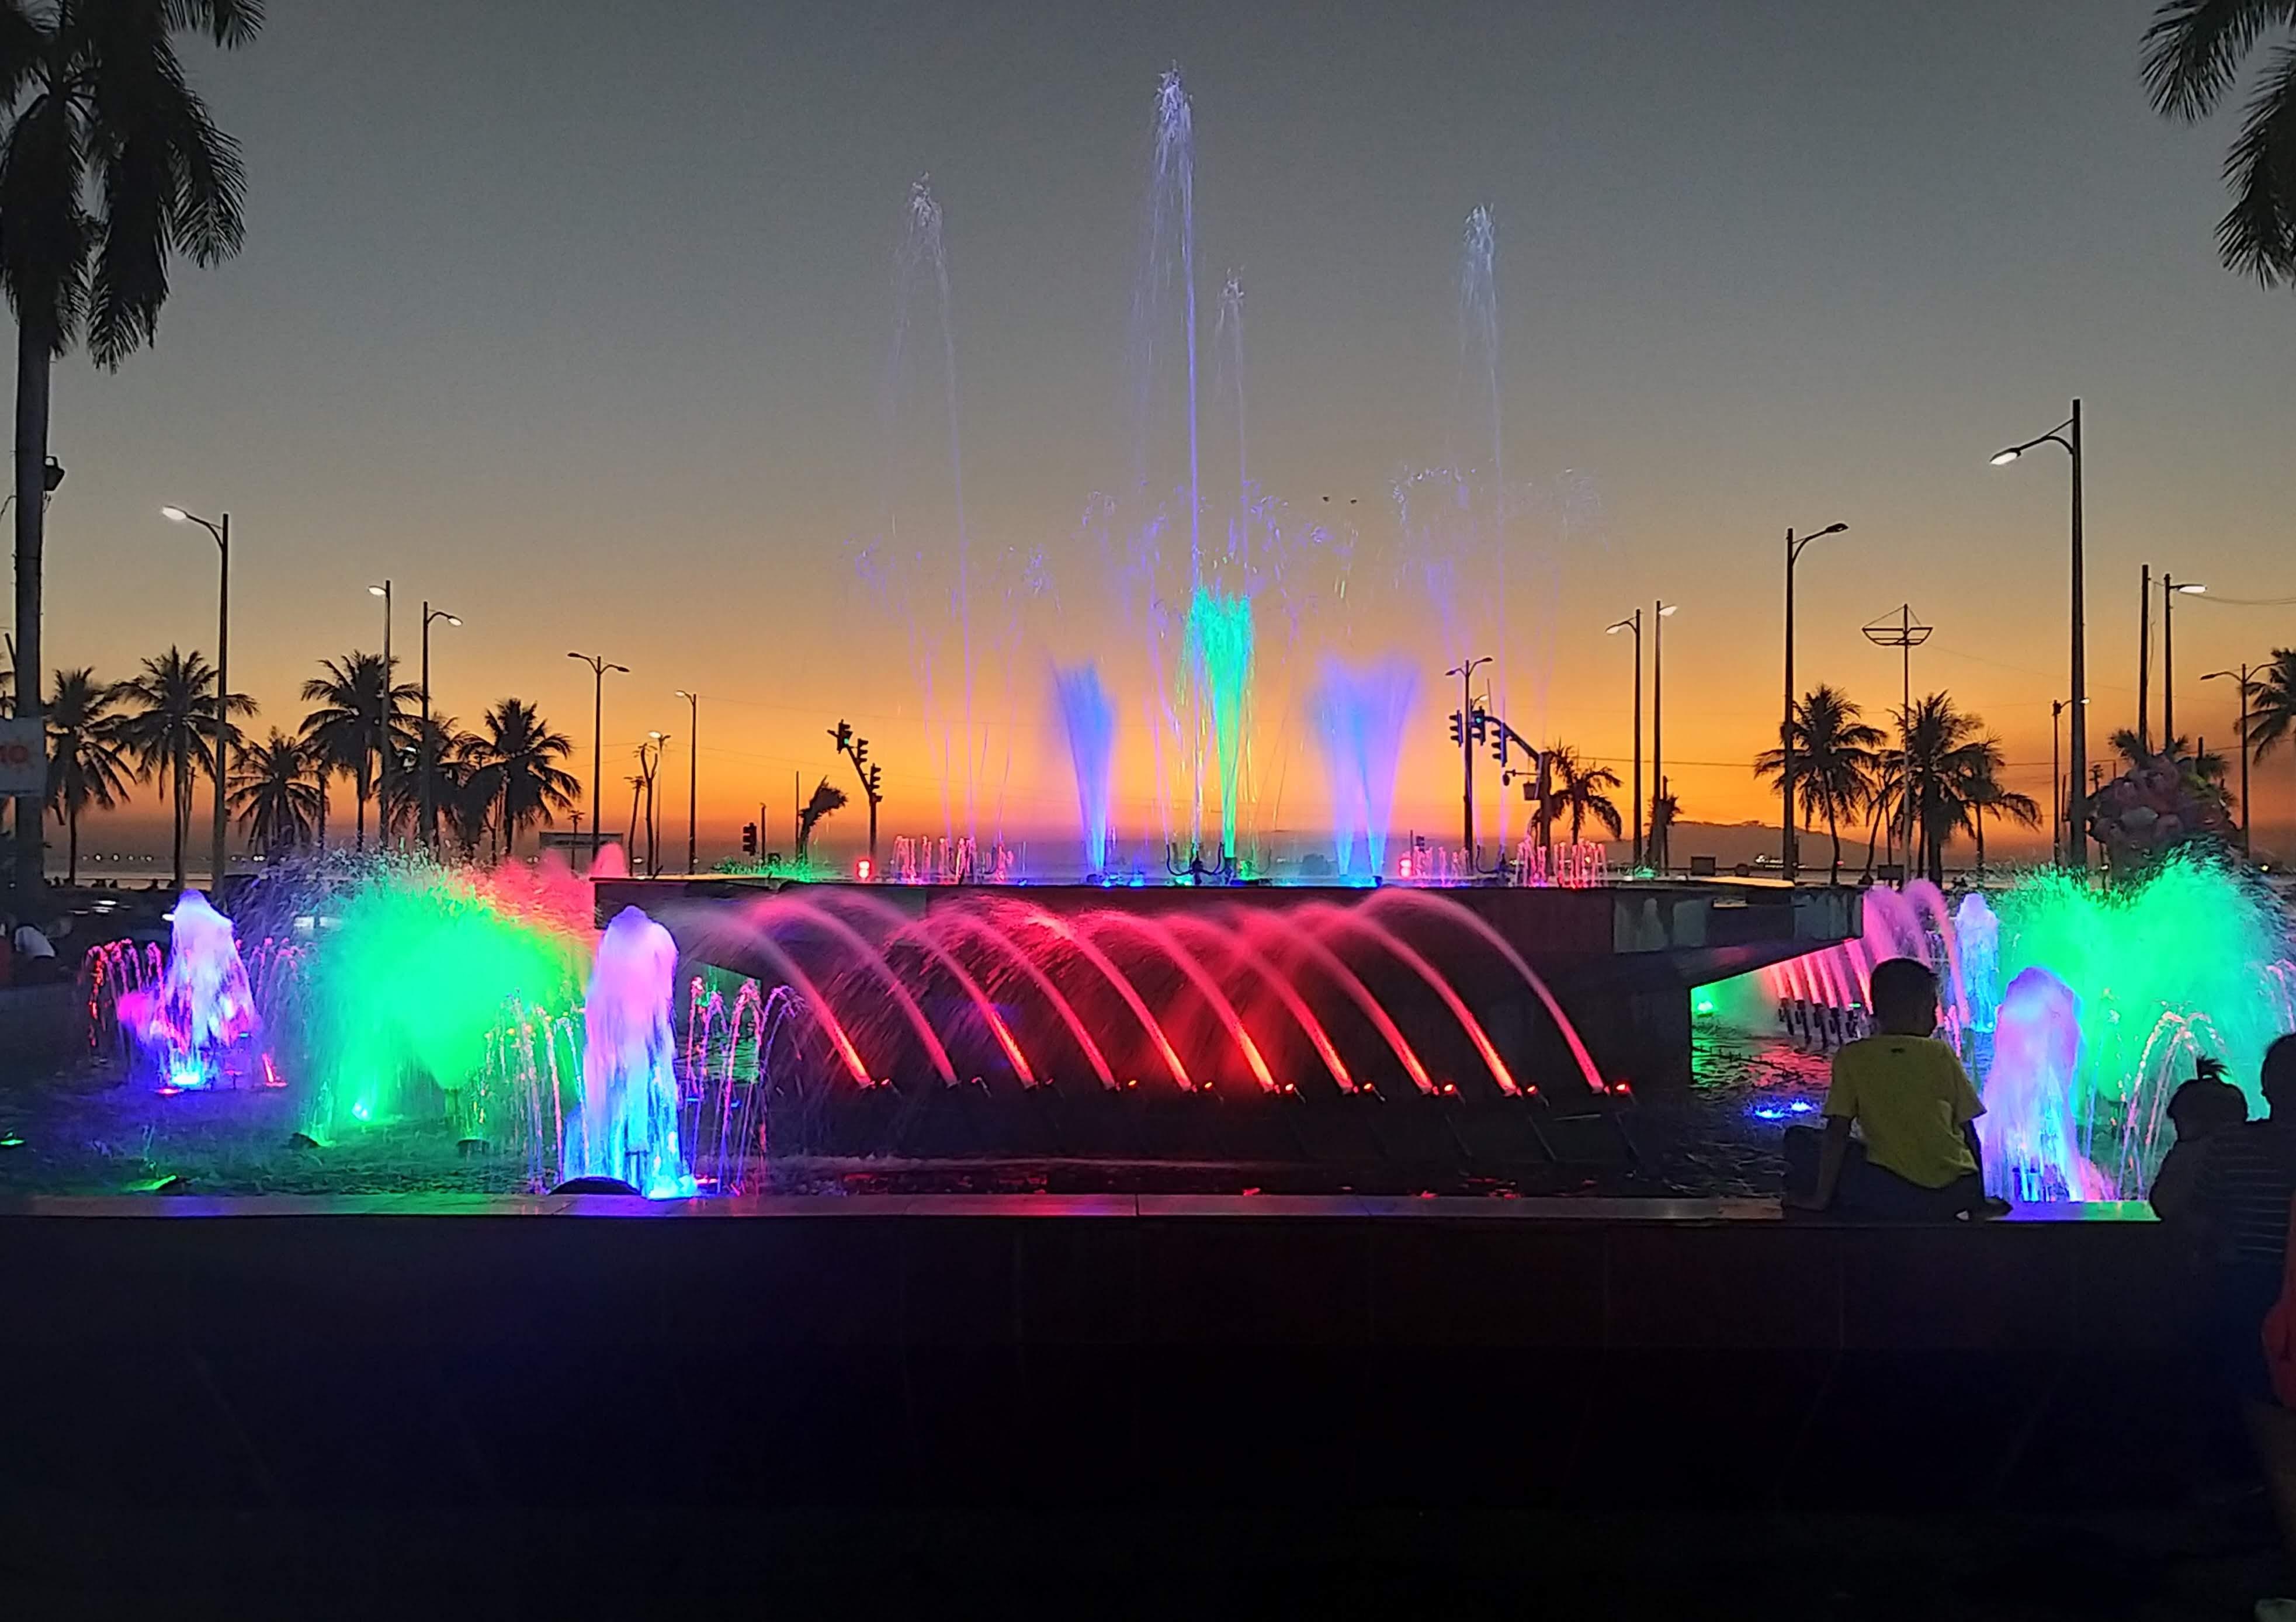 beleuchteter springbrunnen am manila baywalk bei sonnenuntergang